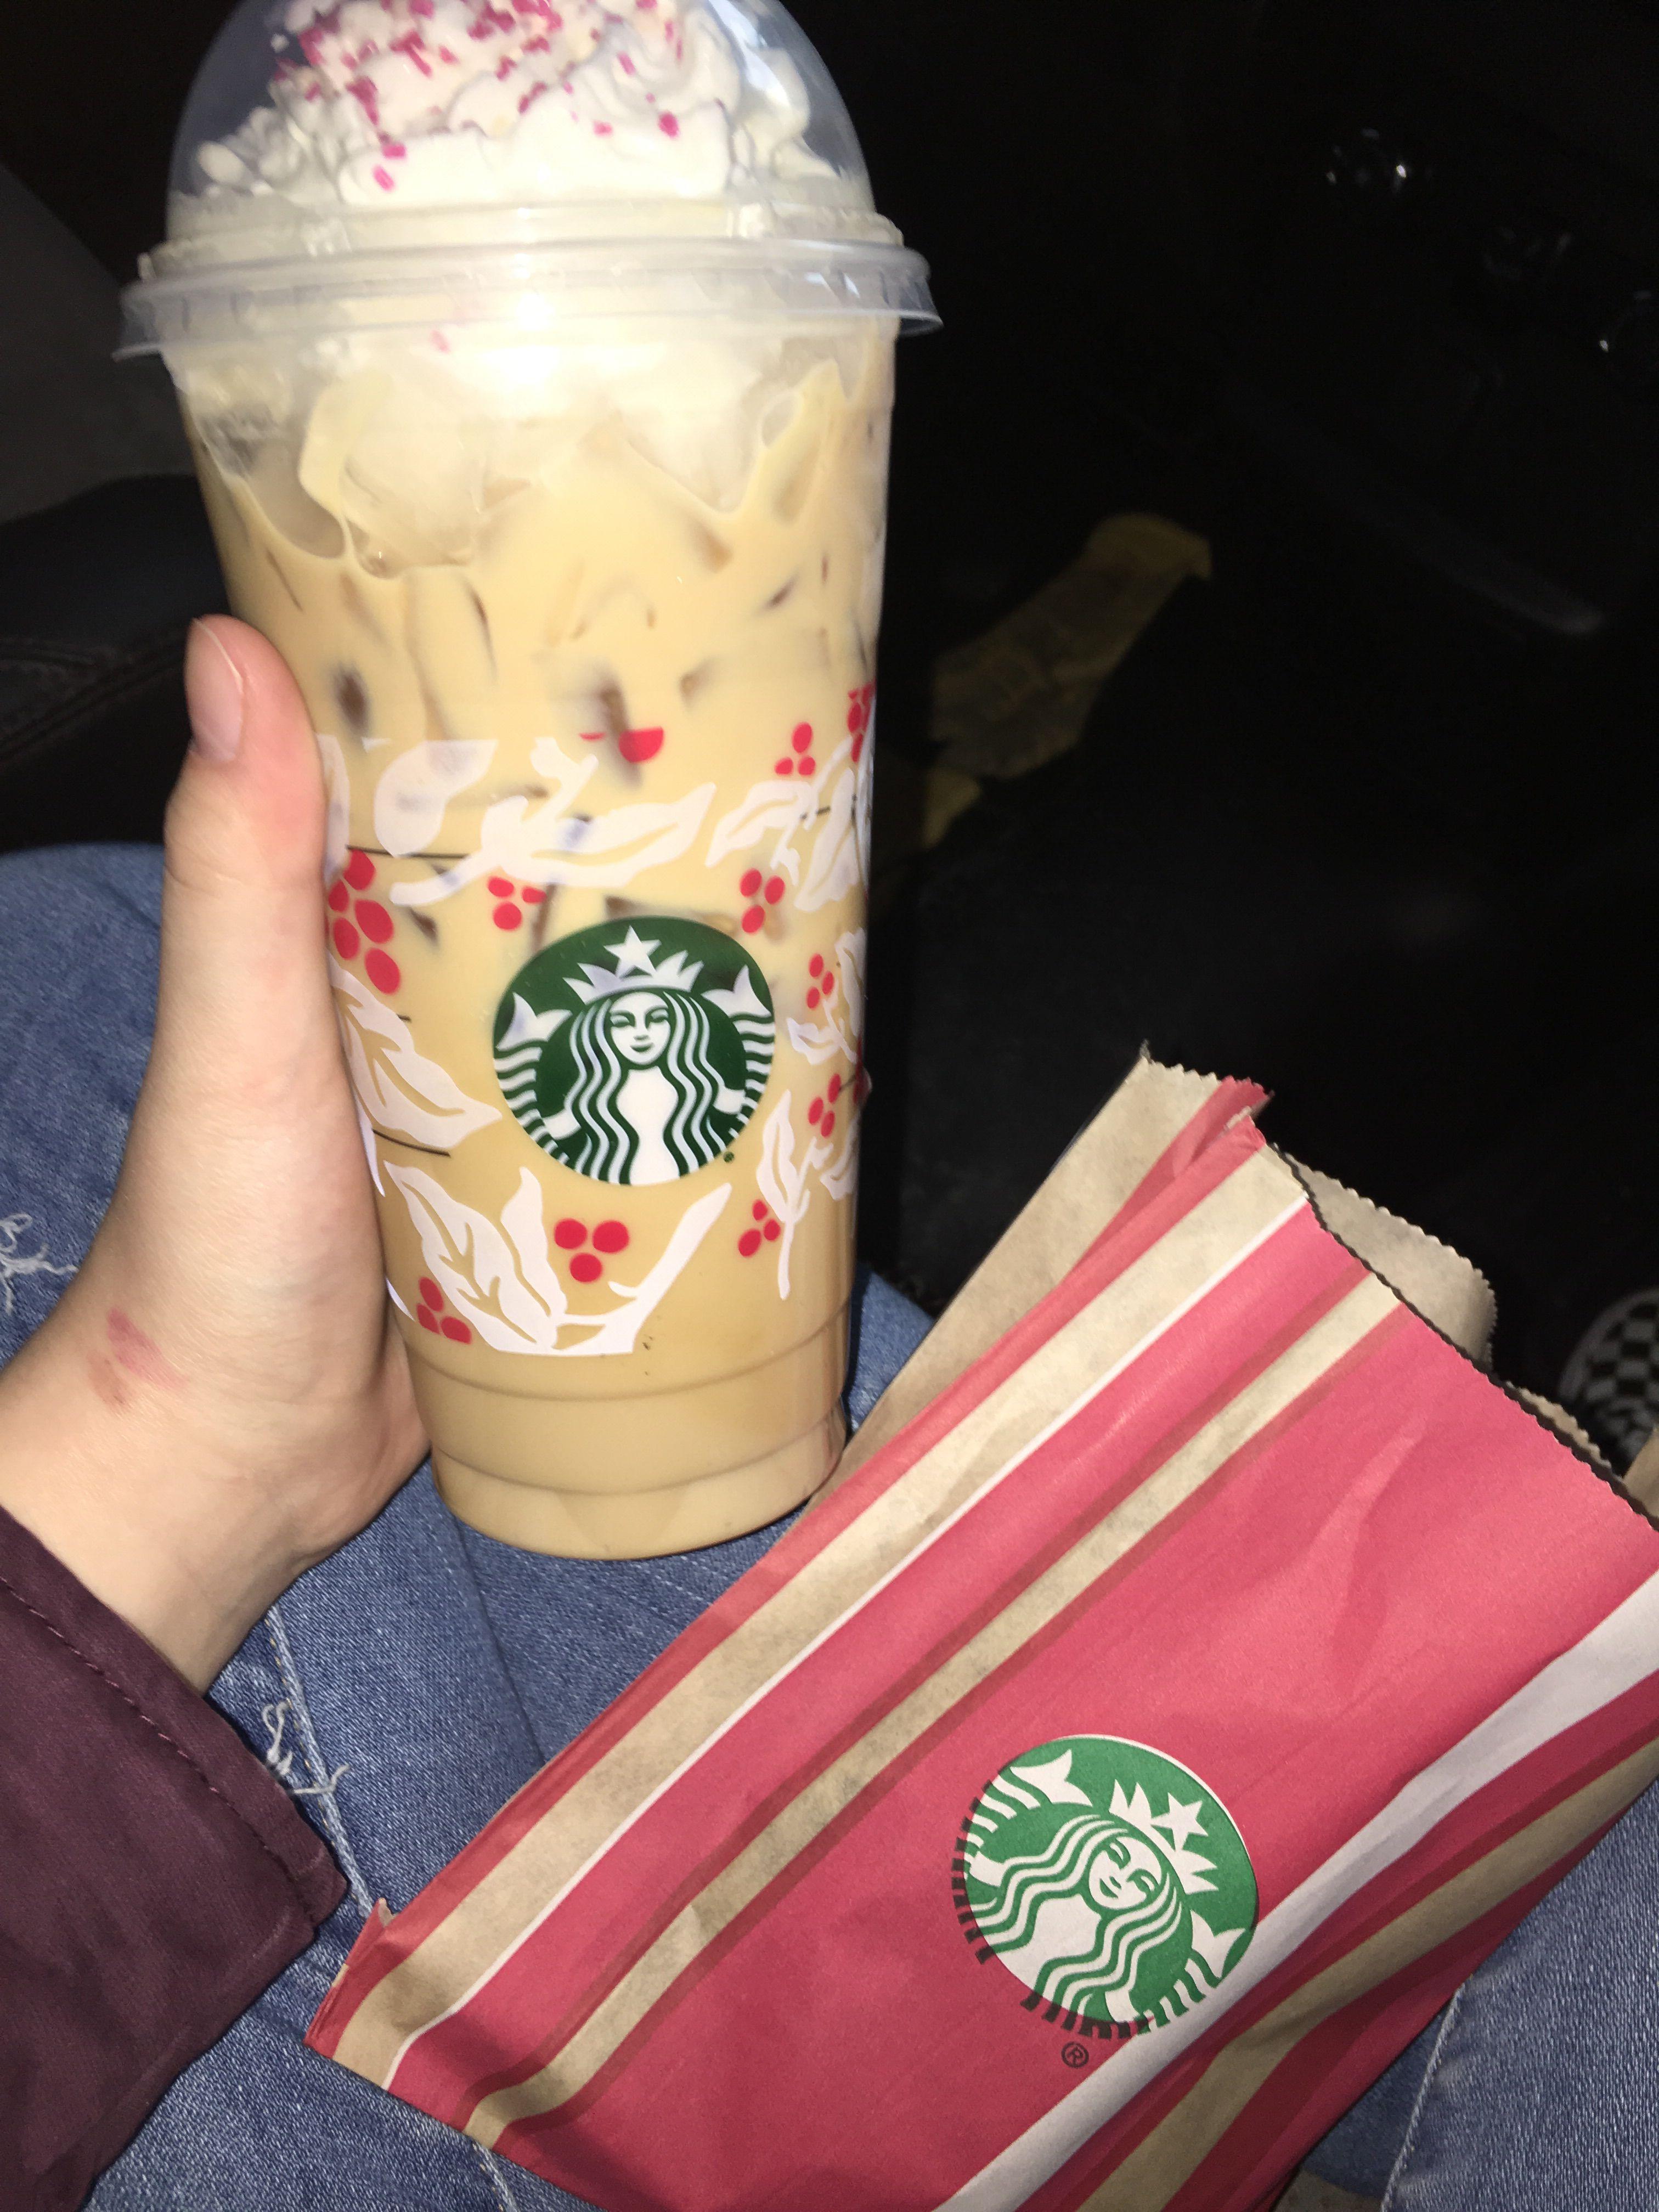 pinterest кαℓєyнσggℓє (With images) Starbucks secret